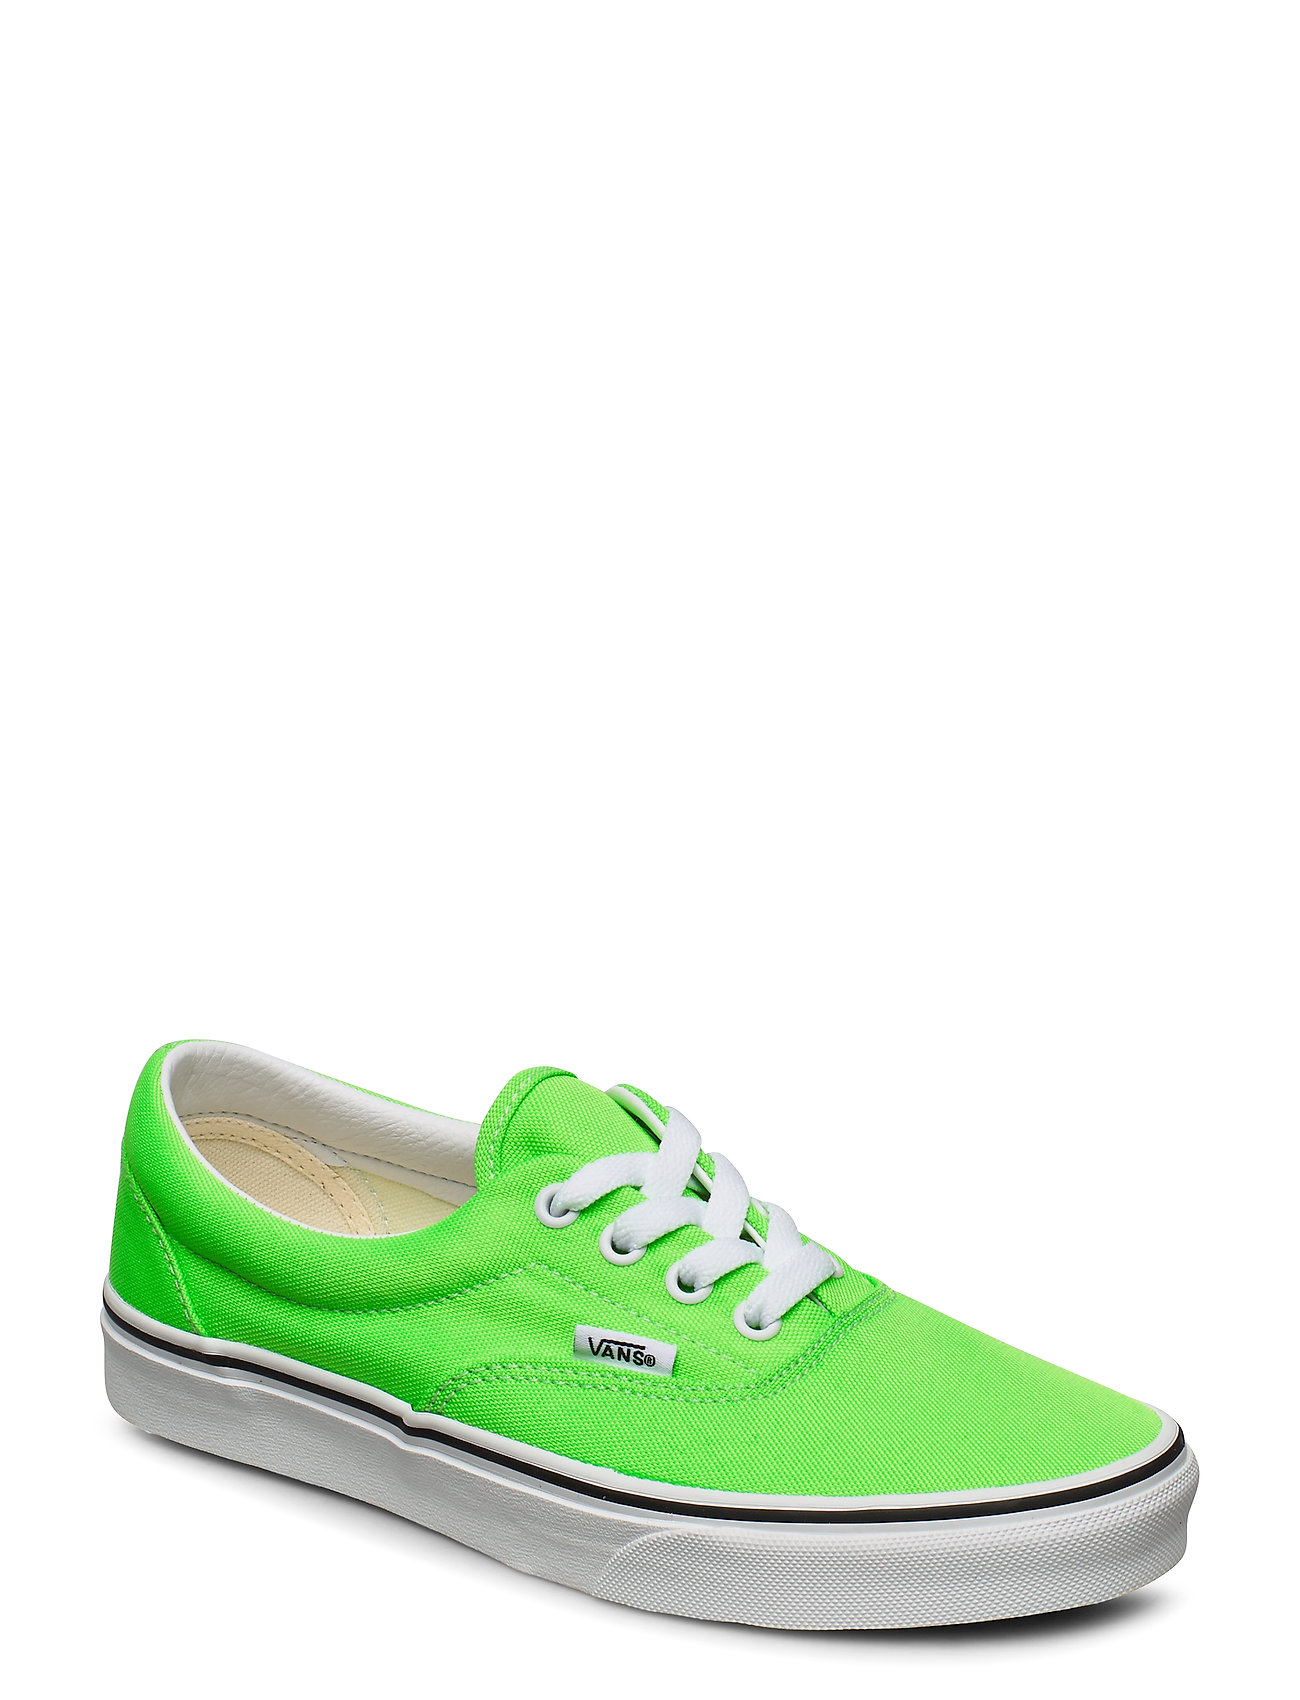 Image of Ua Era Low-top Sneakers Grøn VANS (3422262661)